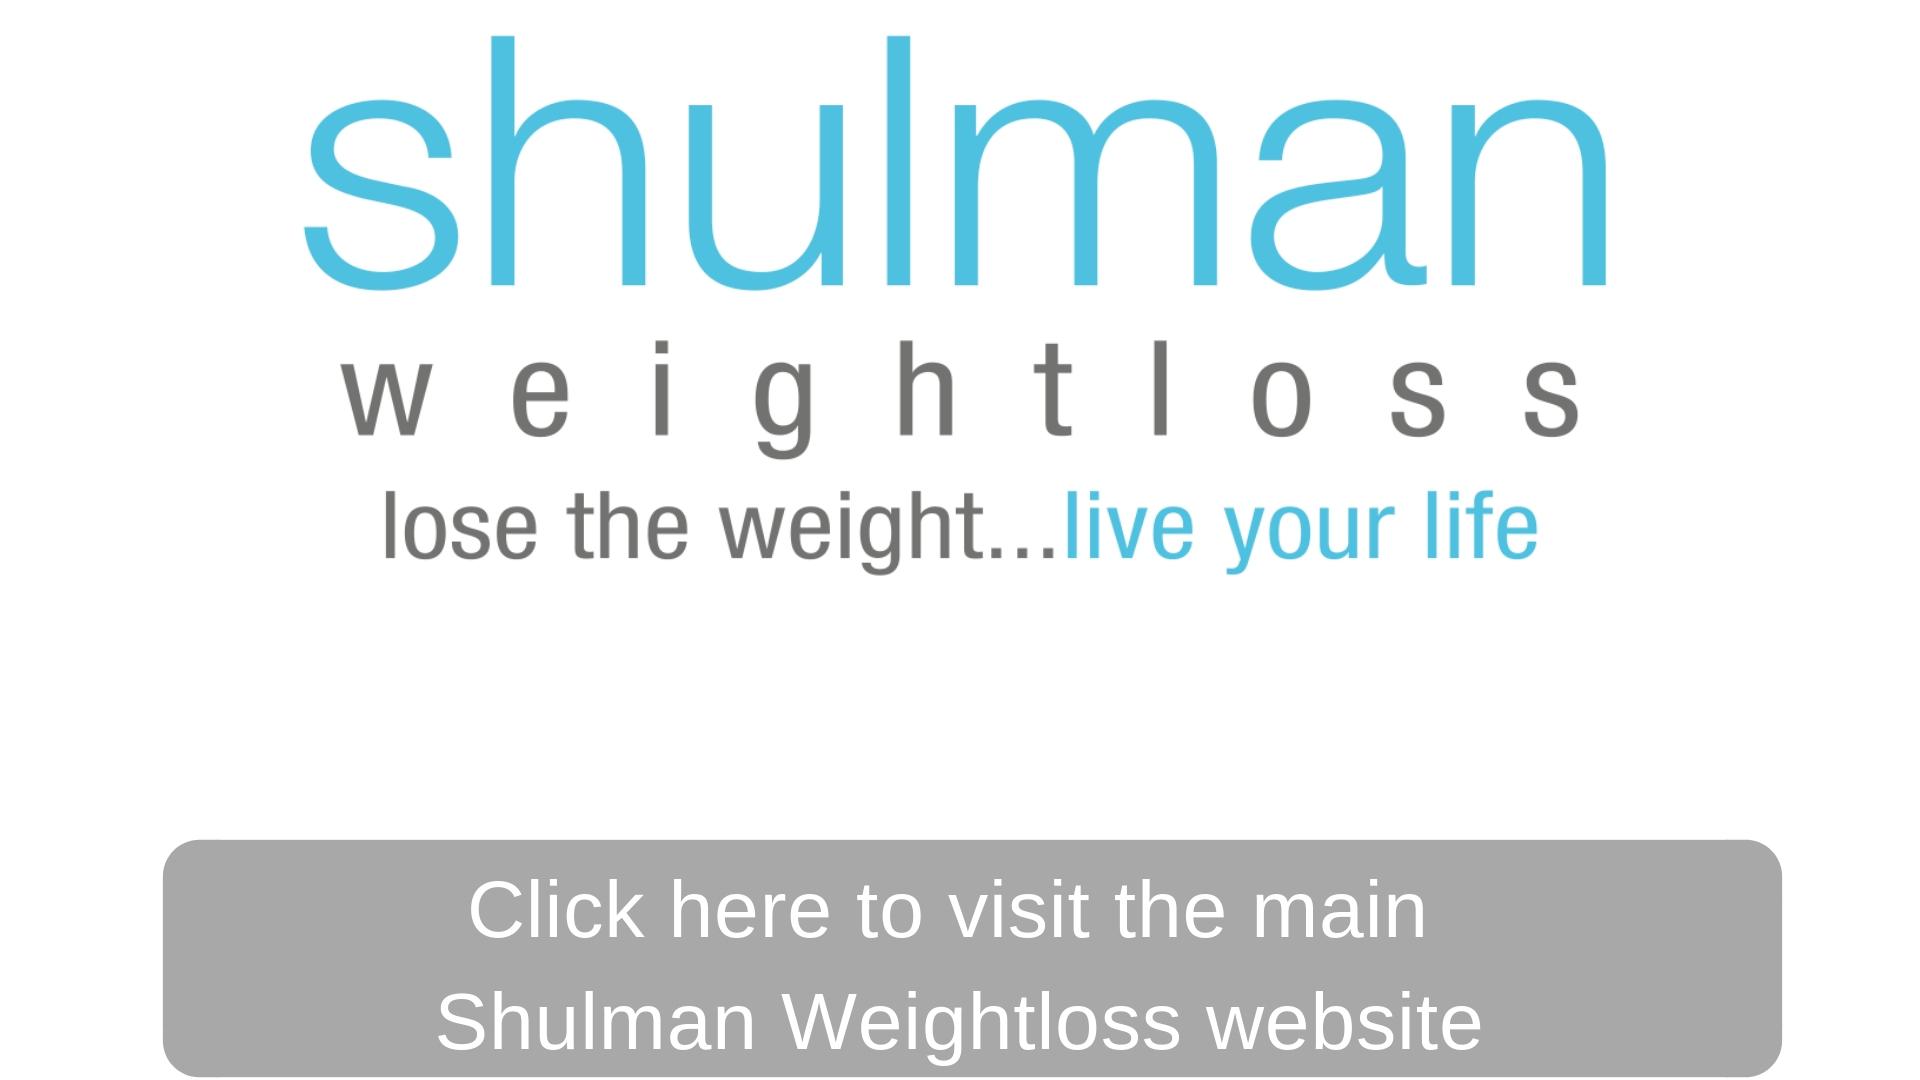 shulman weightloss